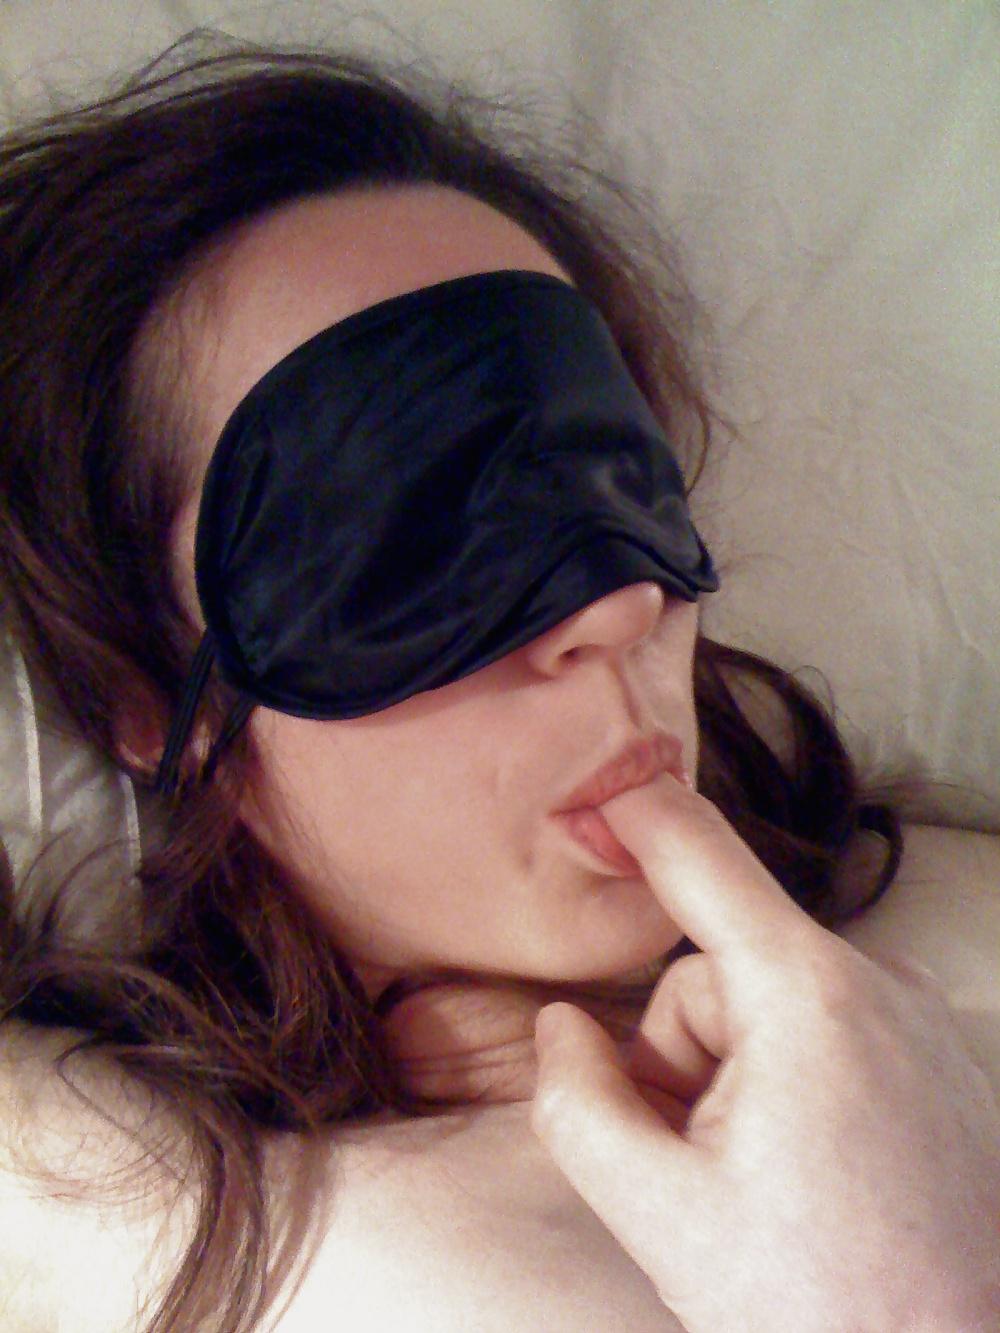 Ma femme vous attend les yeux bander pour se faire bien baiser (Saint-Genis-Laval)